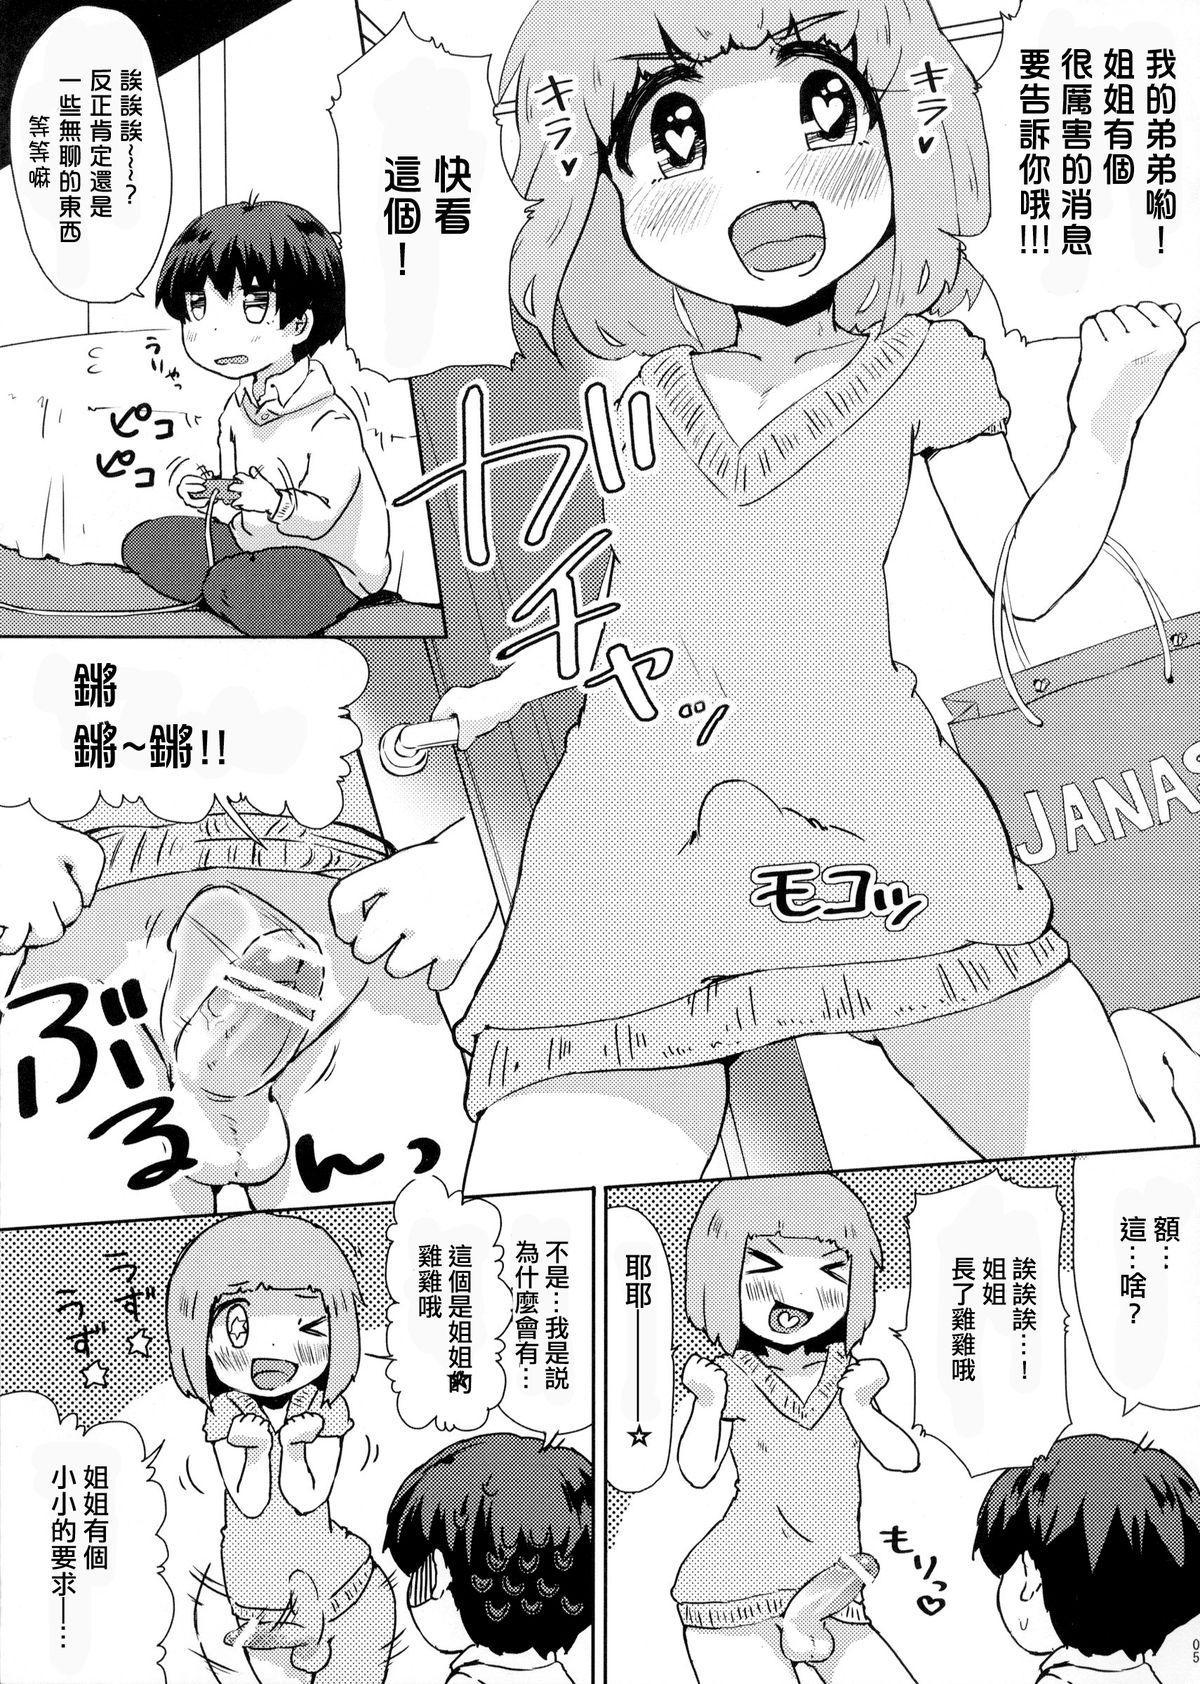 Boku no Neechan ga Hentai de Komaru. 3